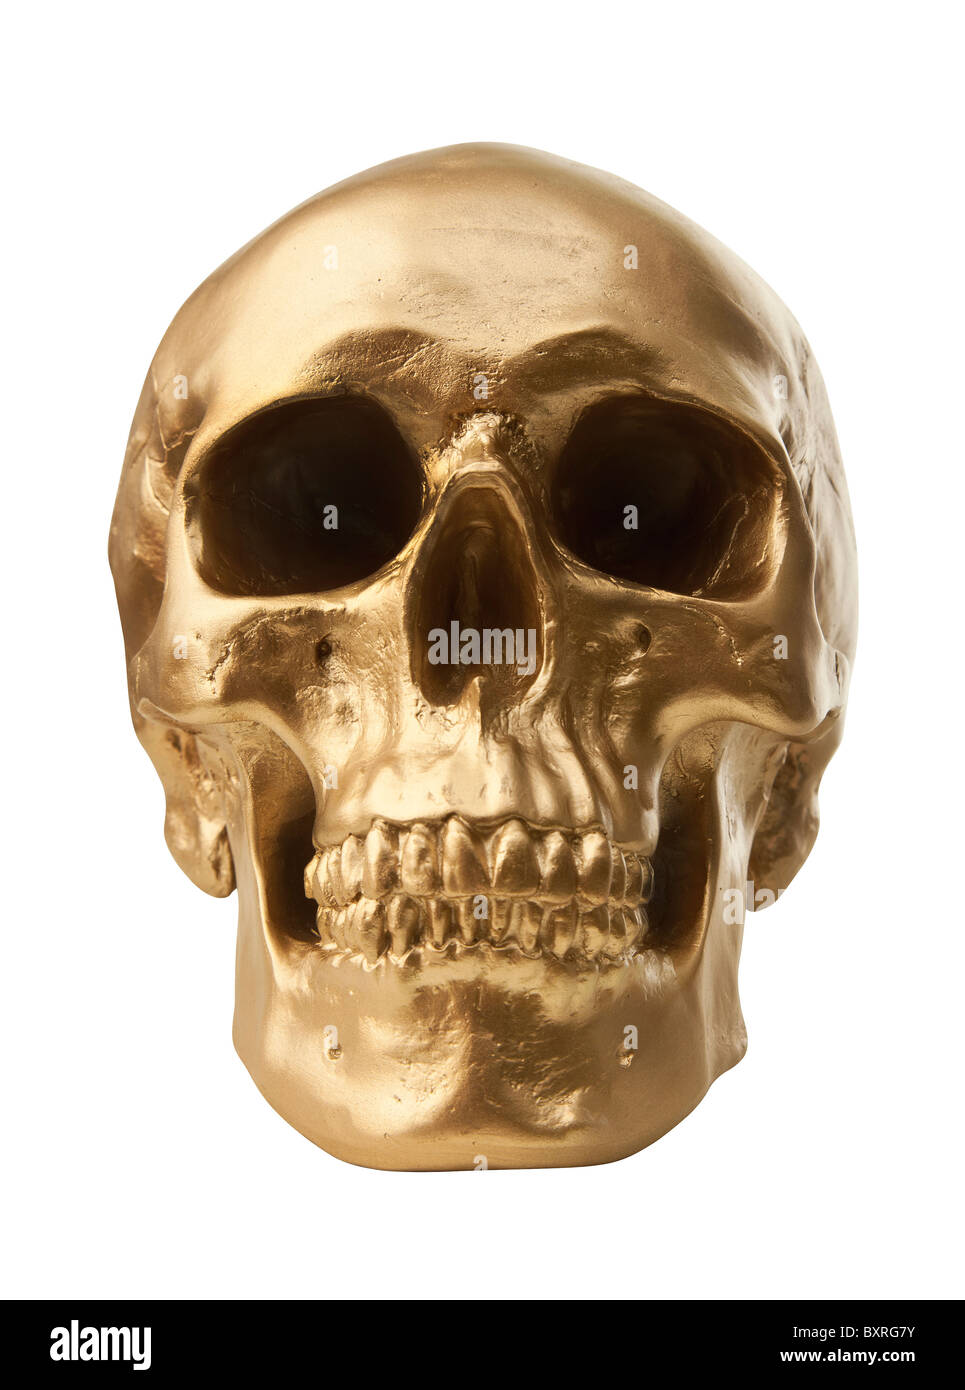 Goldenen menschlichen Schädel, die isoliert auf weißem Hintergrund Stockbild